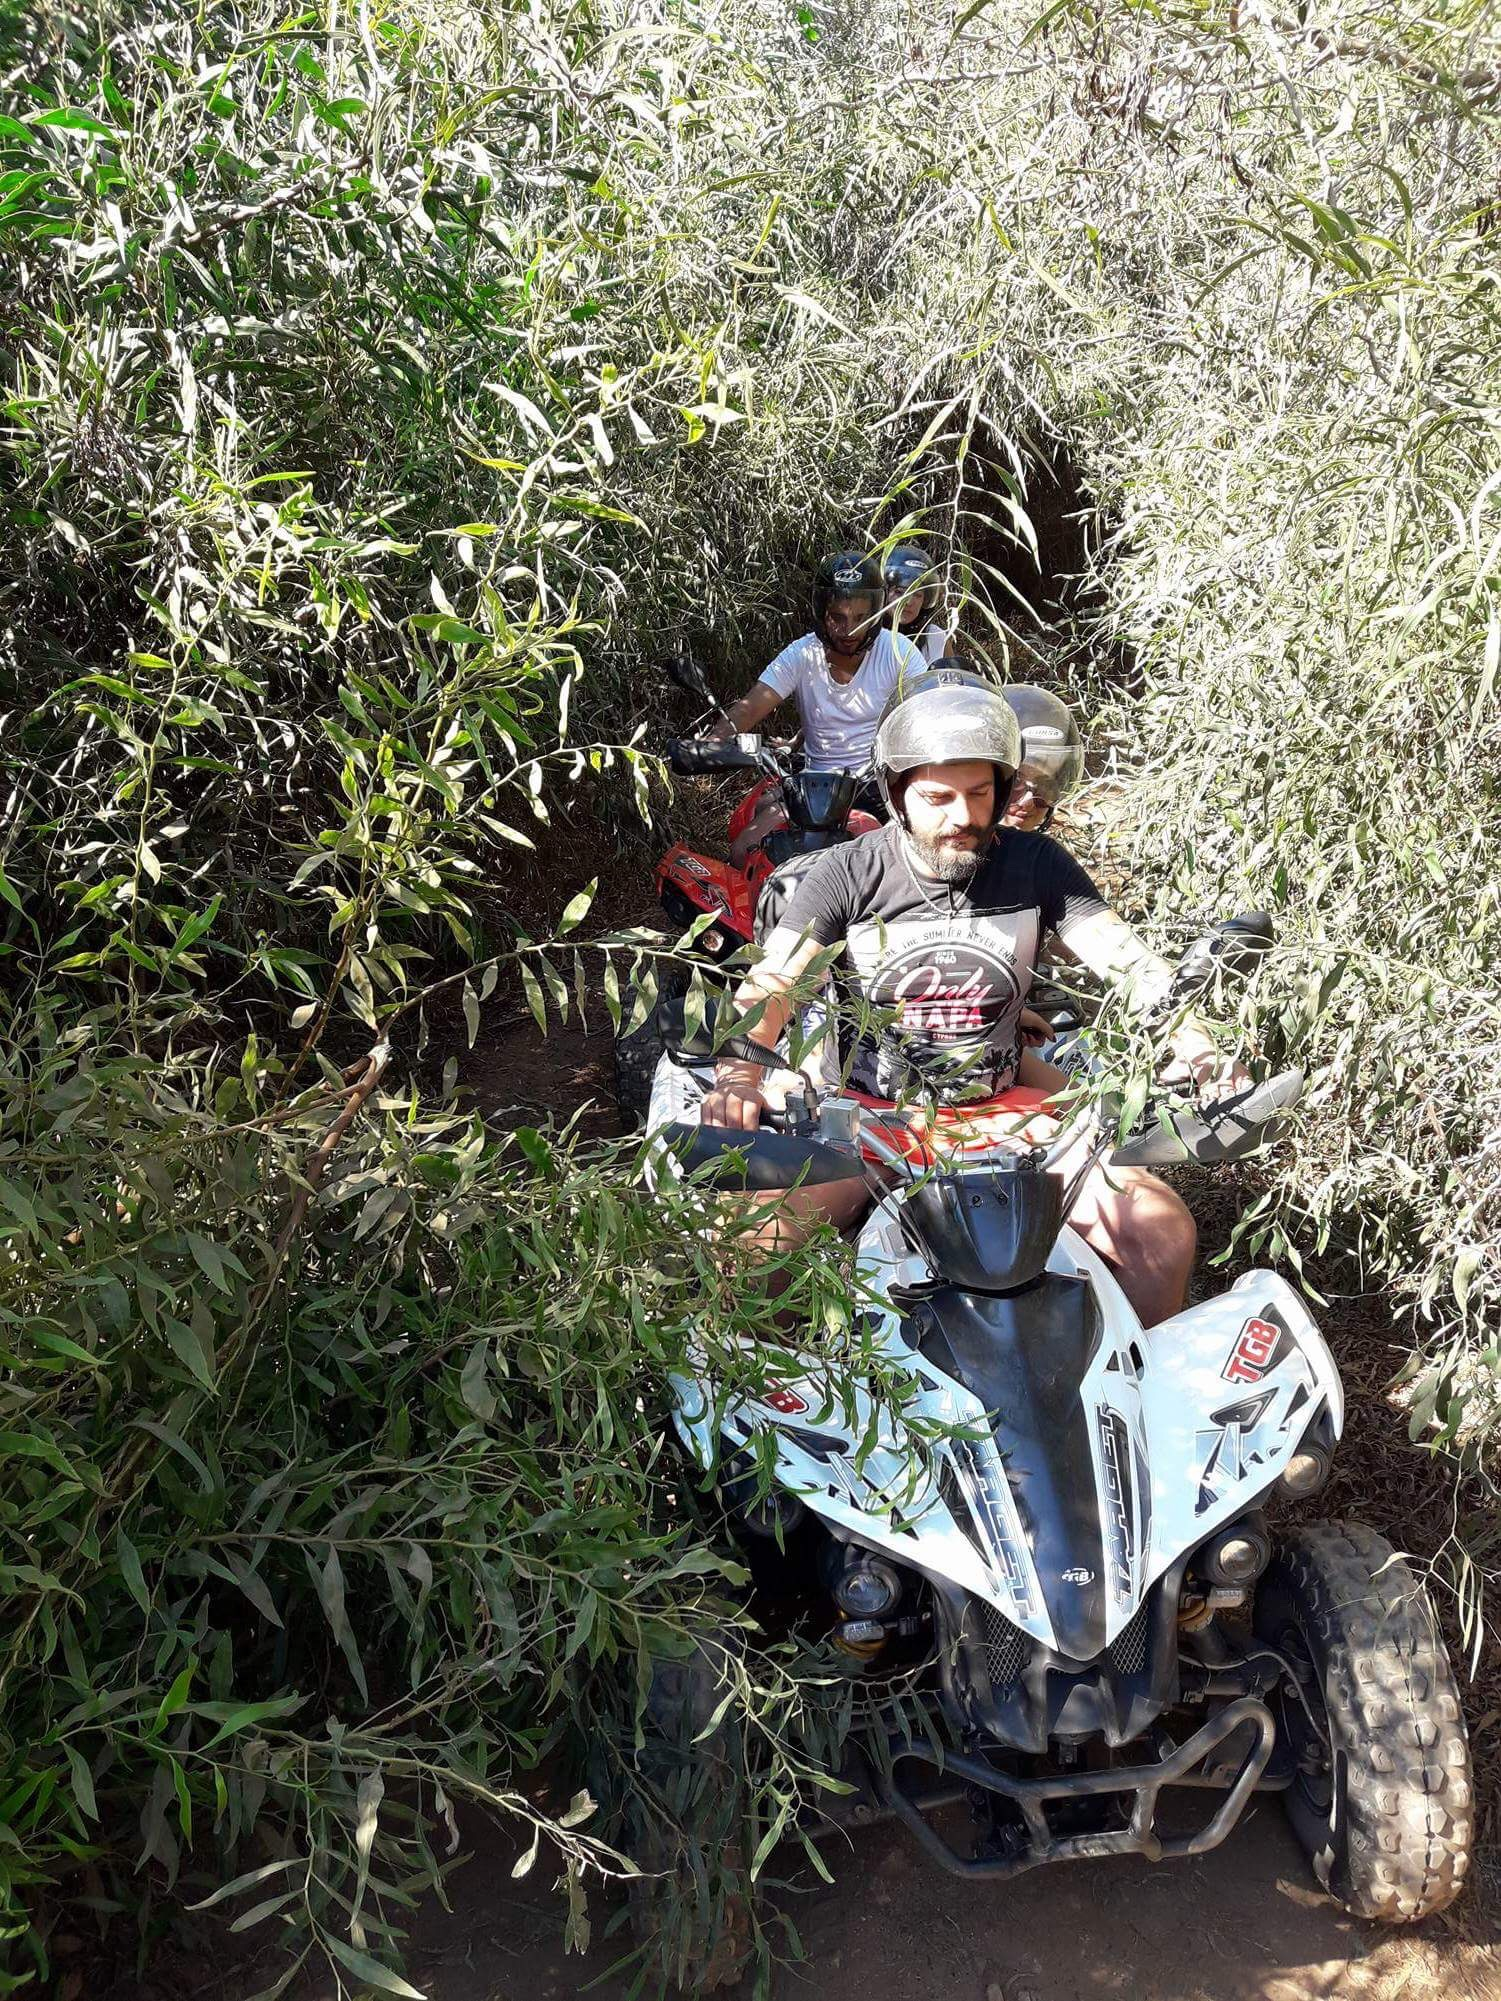 Ayia Napa Quad Bike Safari